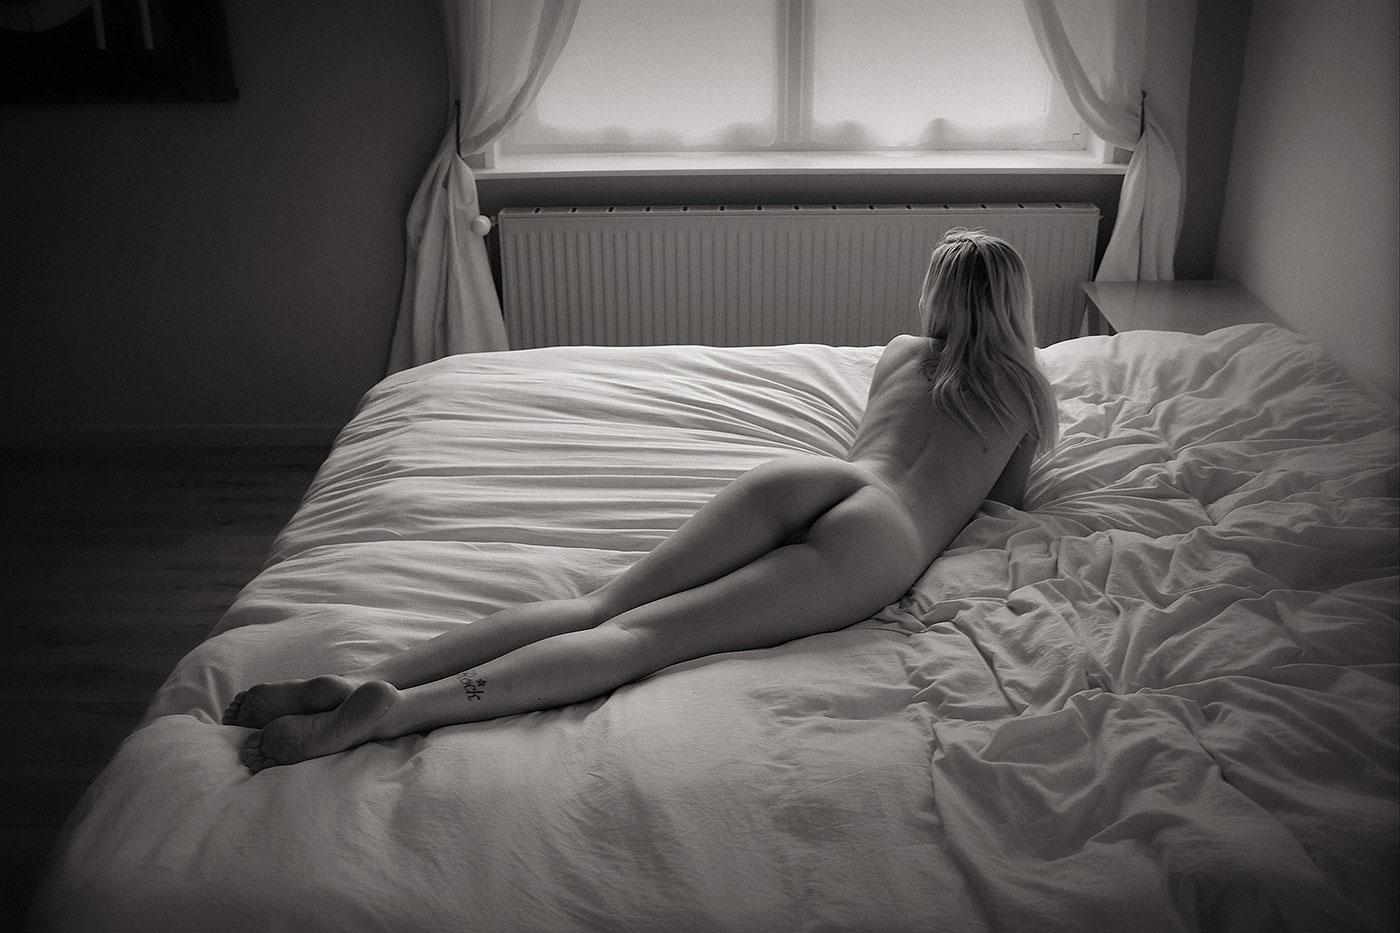 Femme nue en noir et blanc